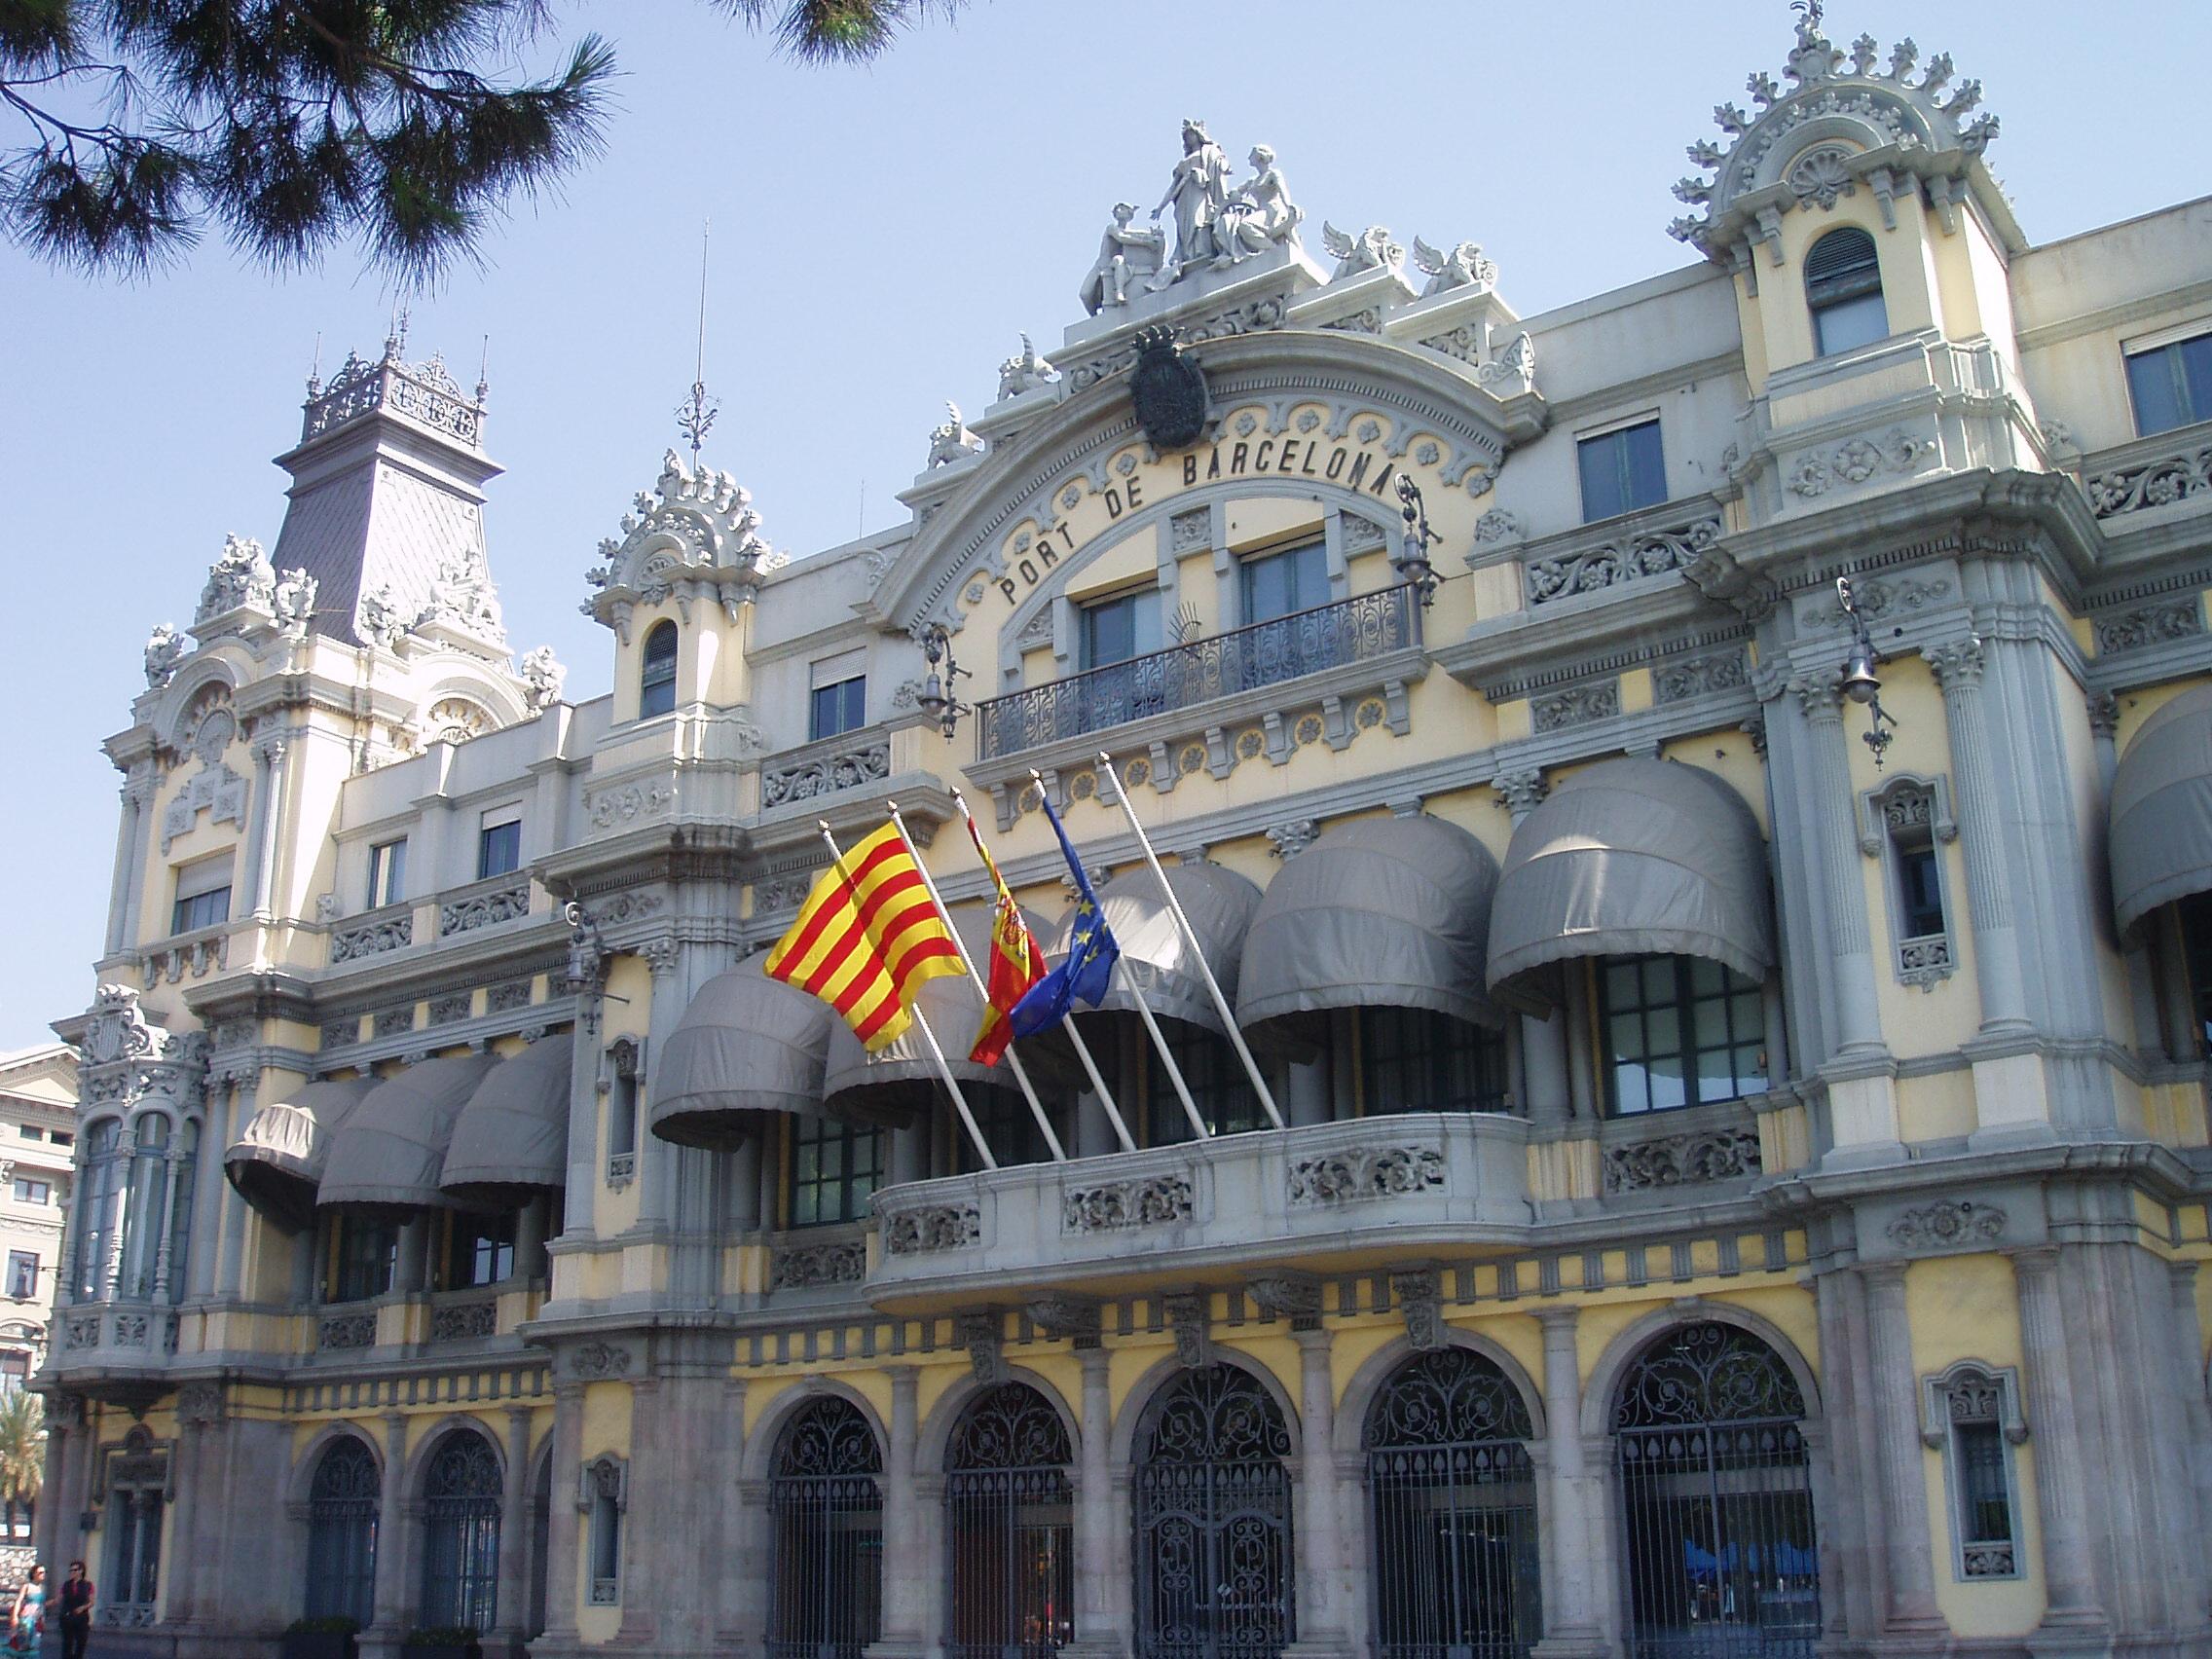 φθηνά αεροπορικά για Βαρκελώνη